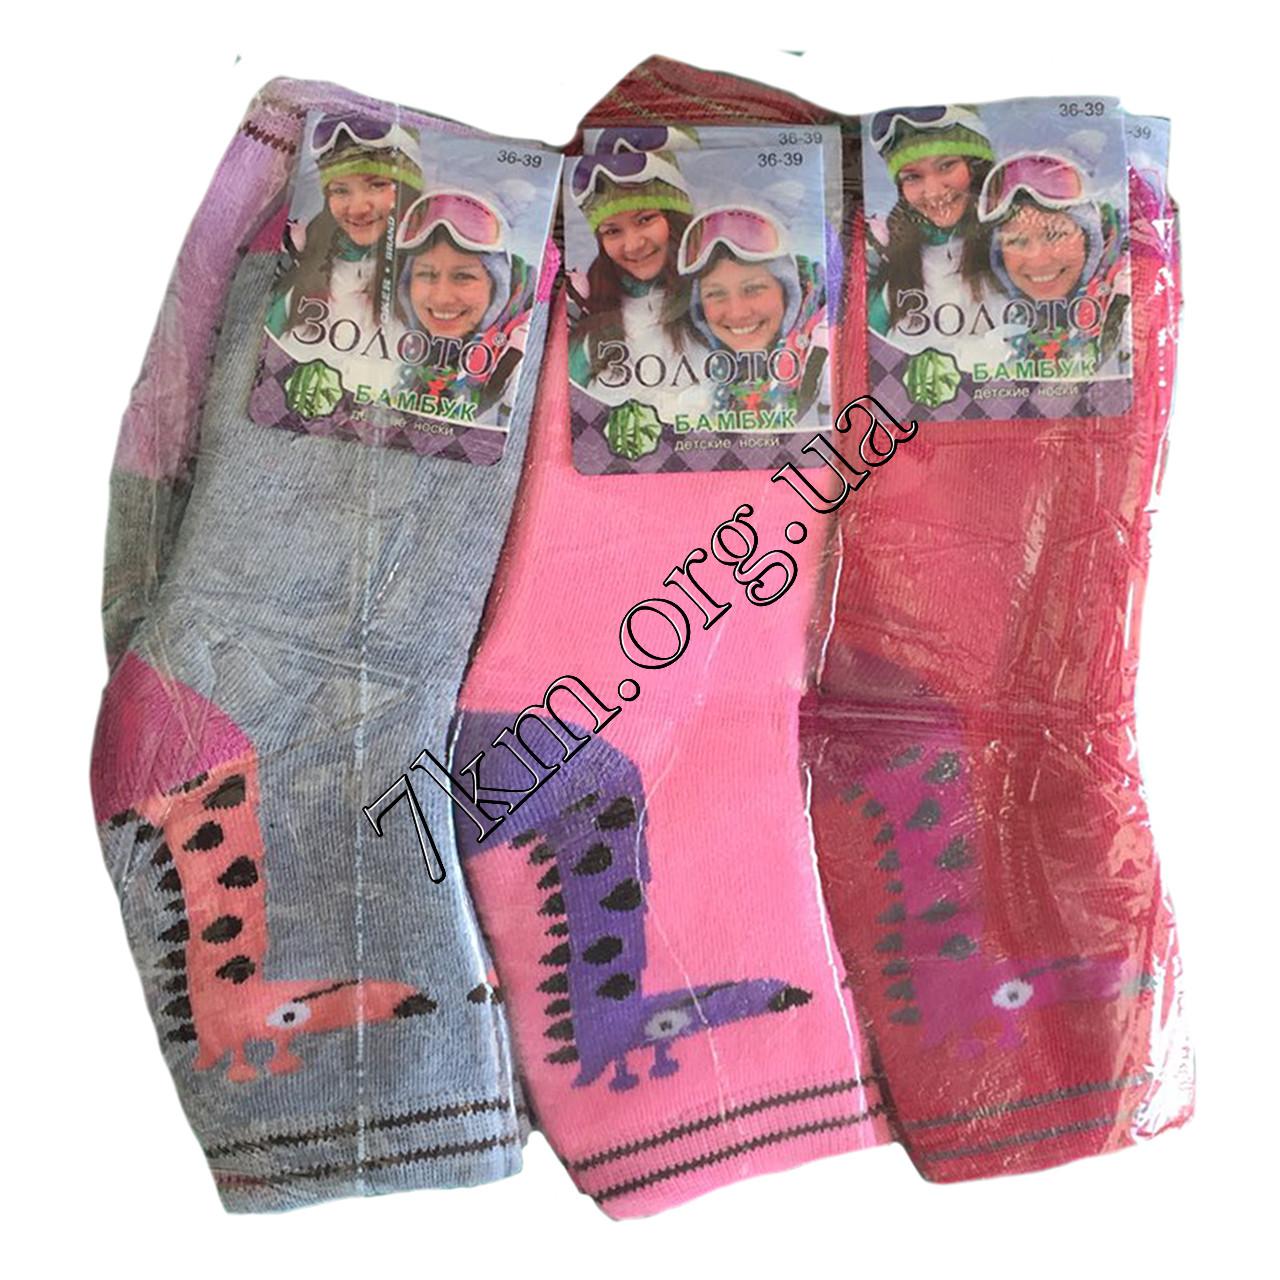 Шкарпетки дитячі махра для дівчаток Золото Бамбук 36-39 р. р. Оптом C61-1